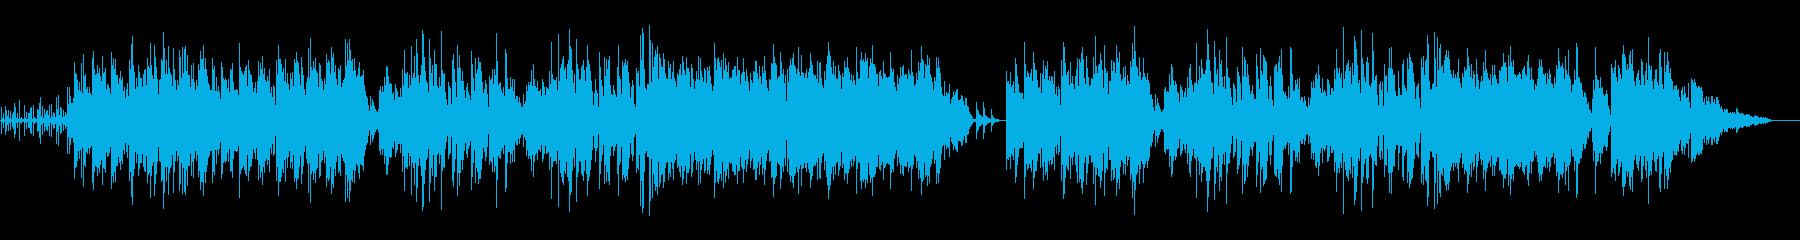 スチールギターのボサノバ風ポップスの再生済みの波形